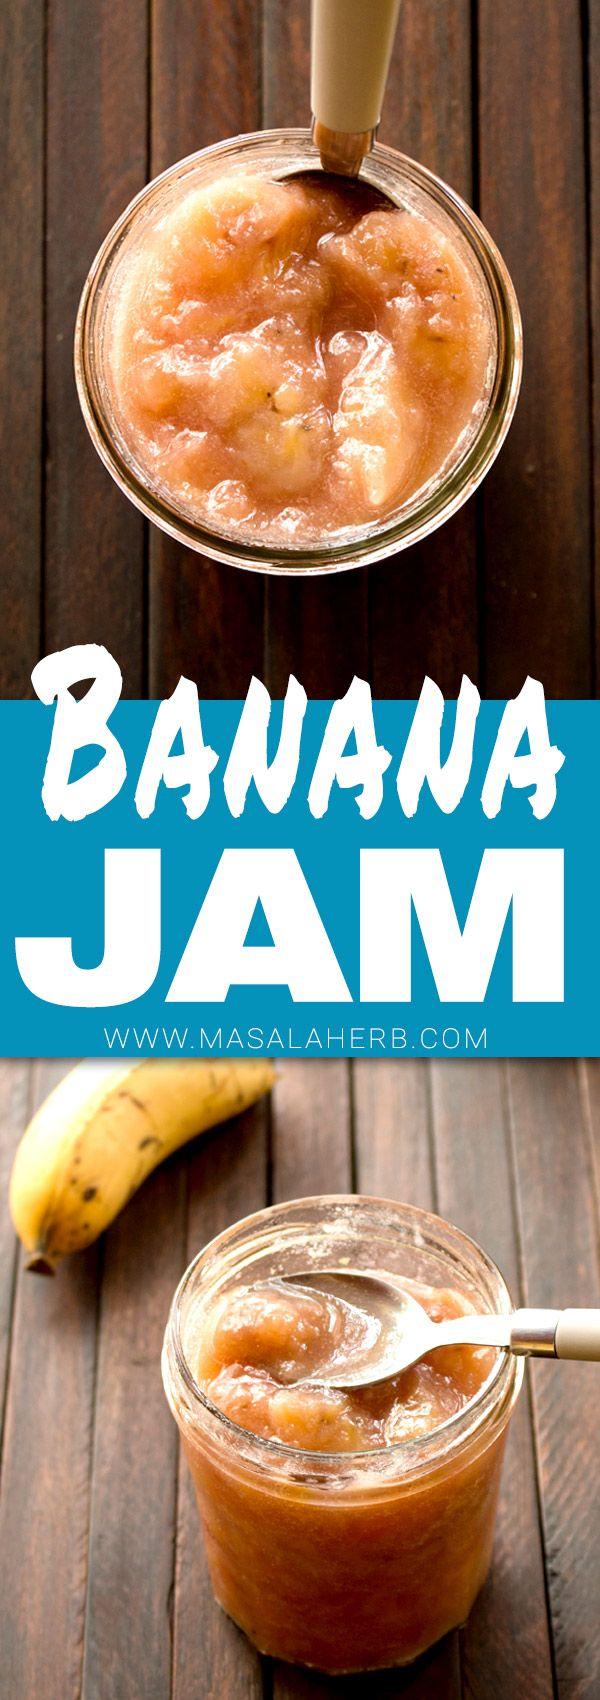 Banana Jam - How to make Banana Jam - Caribbean Banana Jam Recipe {without Pectin} www.MasalaHerb.com #banana #jam #DIY #masalaherb